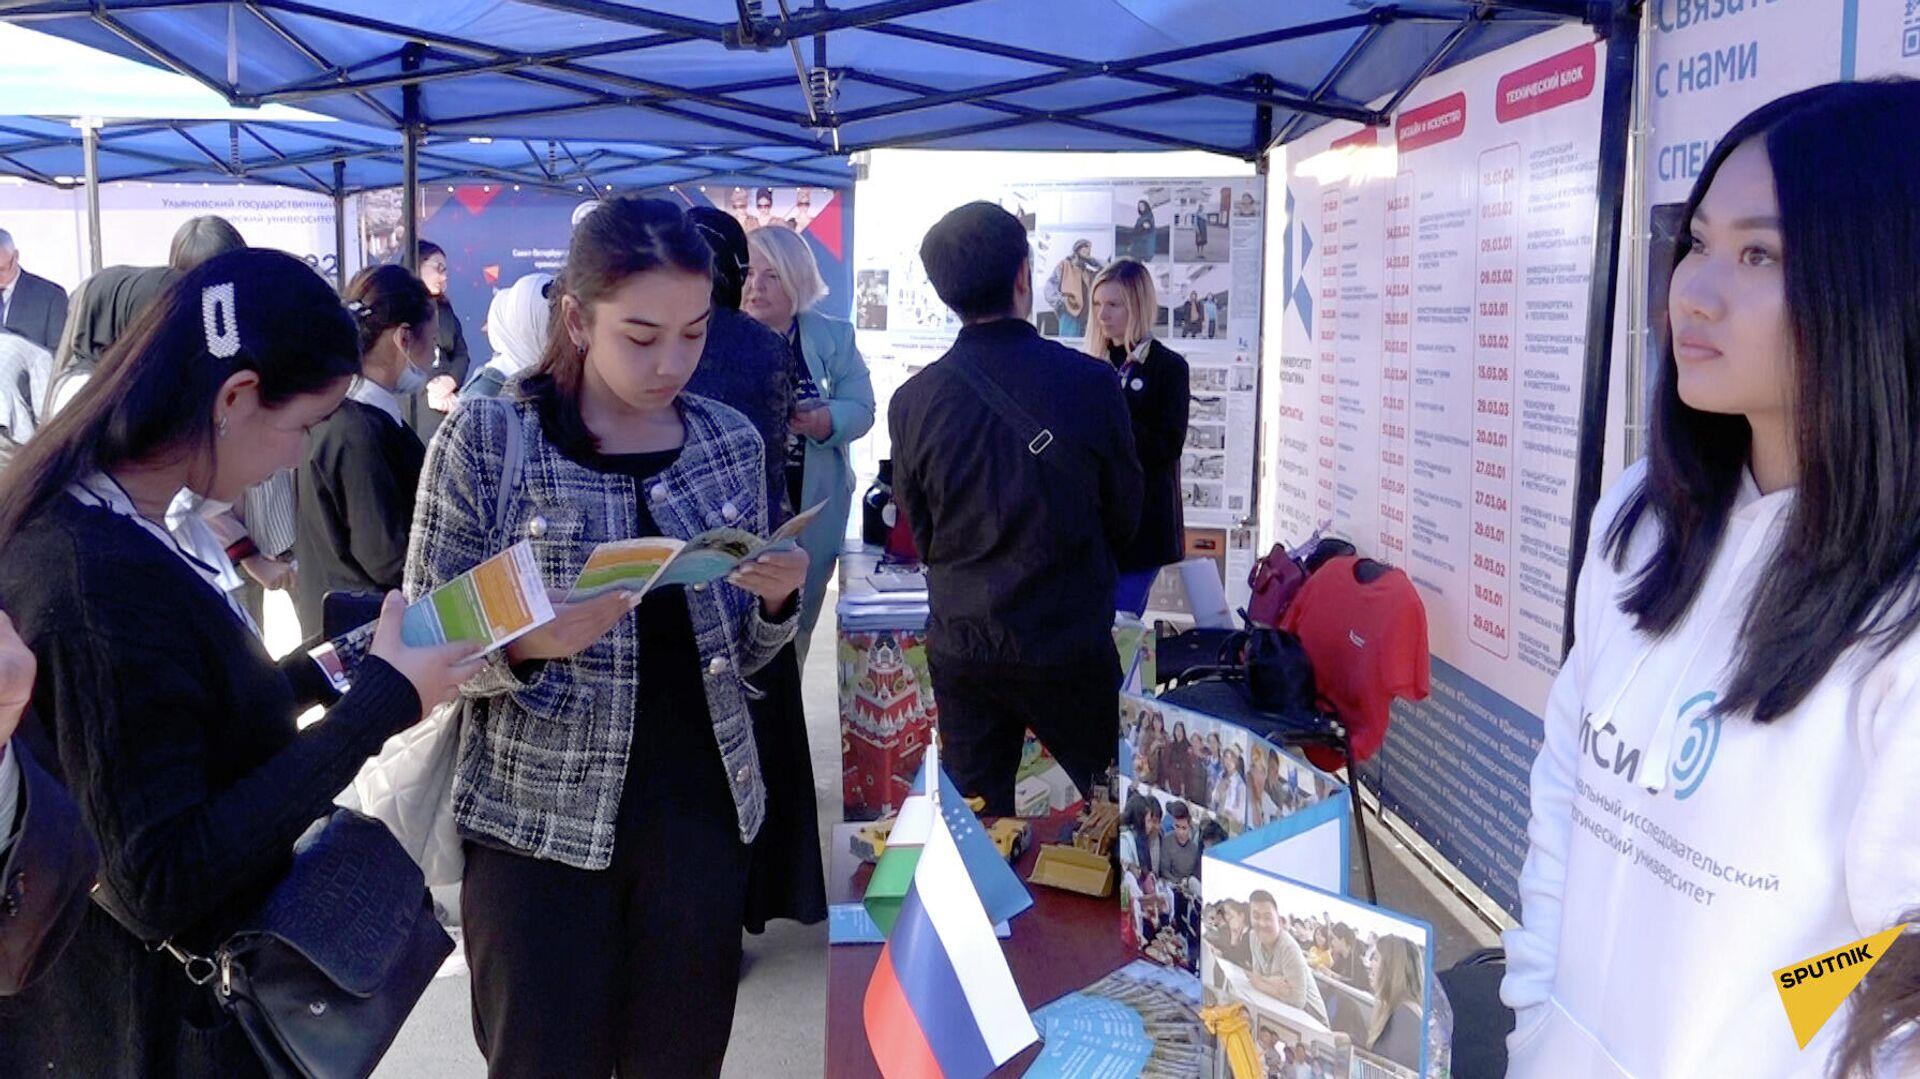 В  Ташкенте открась выставка-ярмарка Российское образование  - Sputnik Узбекистан, 1920, 05.10.2021